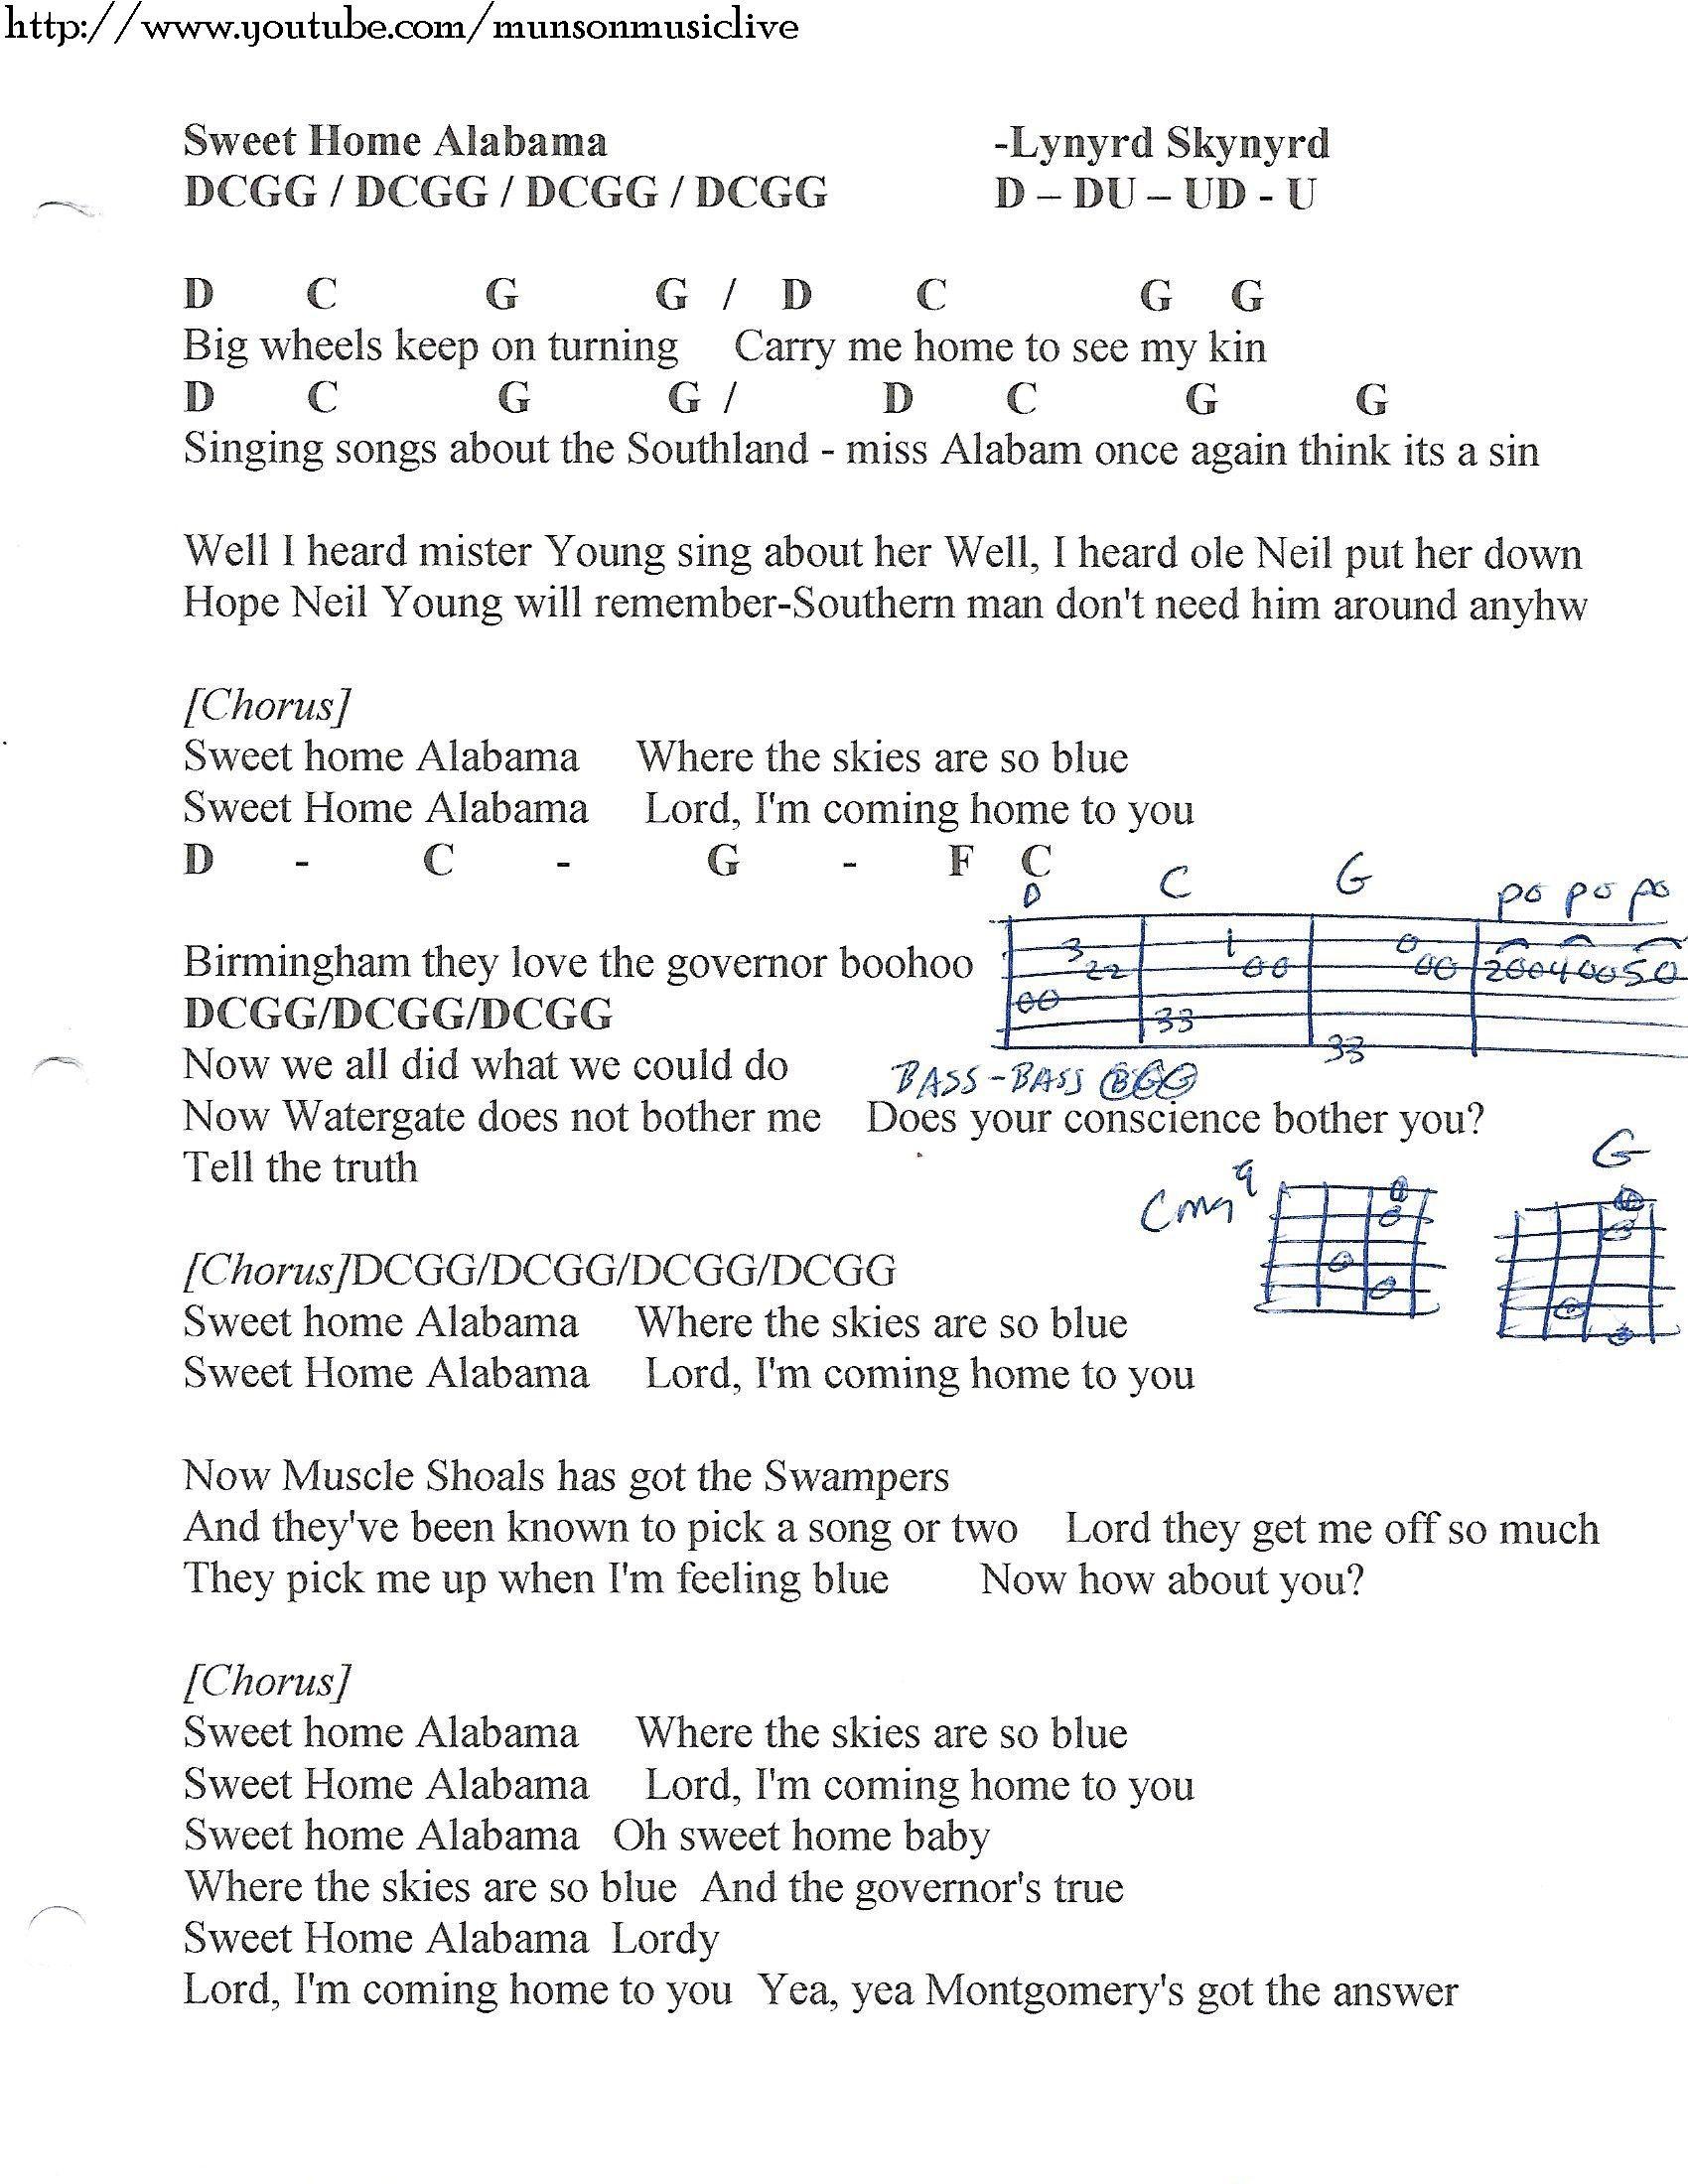 Sweet Home Alabama Lynyrd Skynyrd Guitar Chord Chart Lyrics